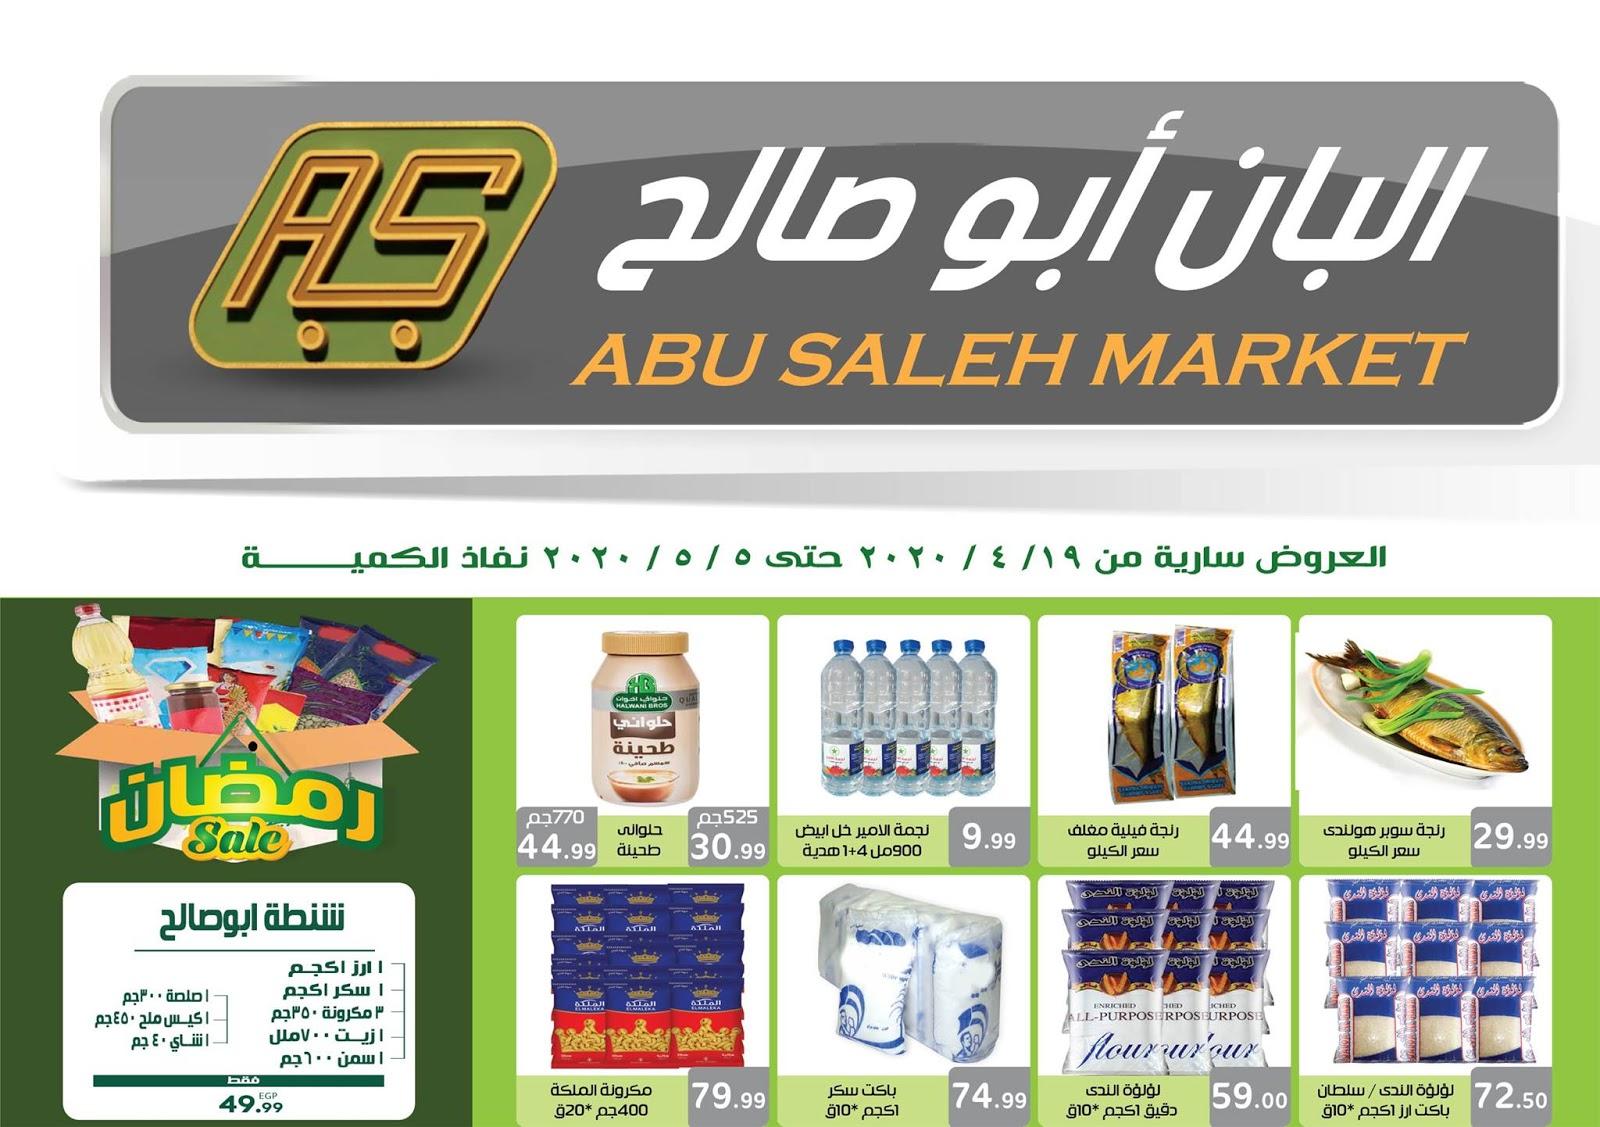 عروض البان ابو صالح ماركت من 19 ابريل حتى 5 مايو 2020